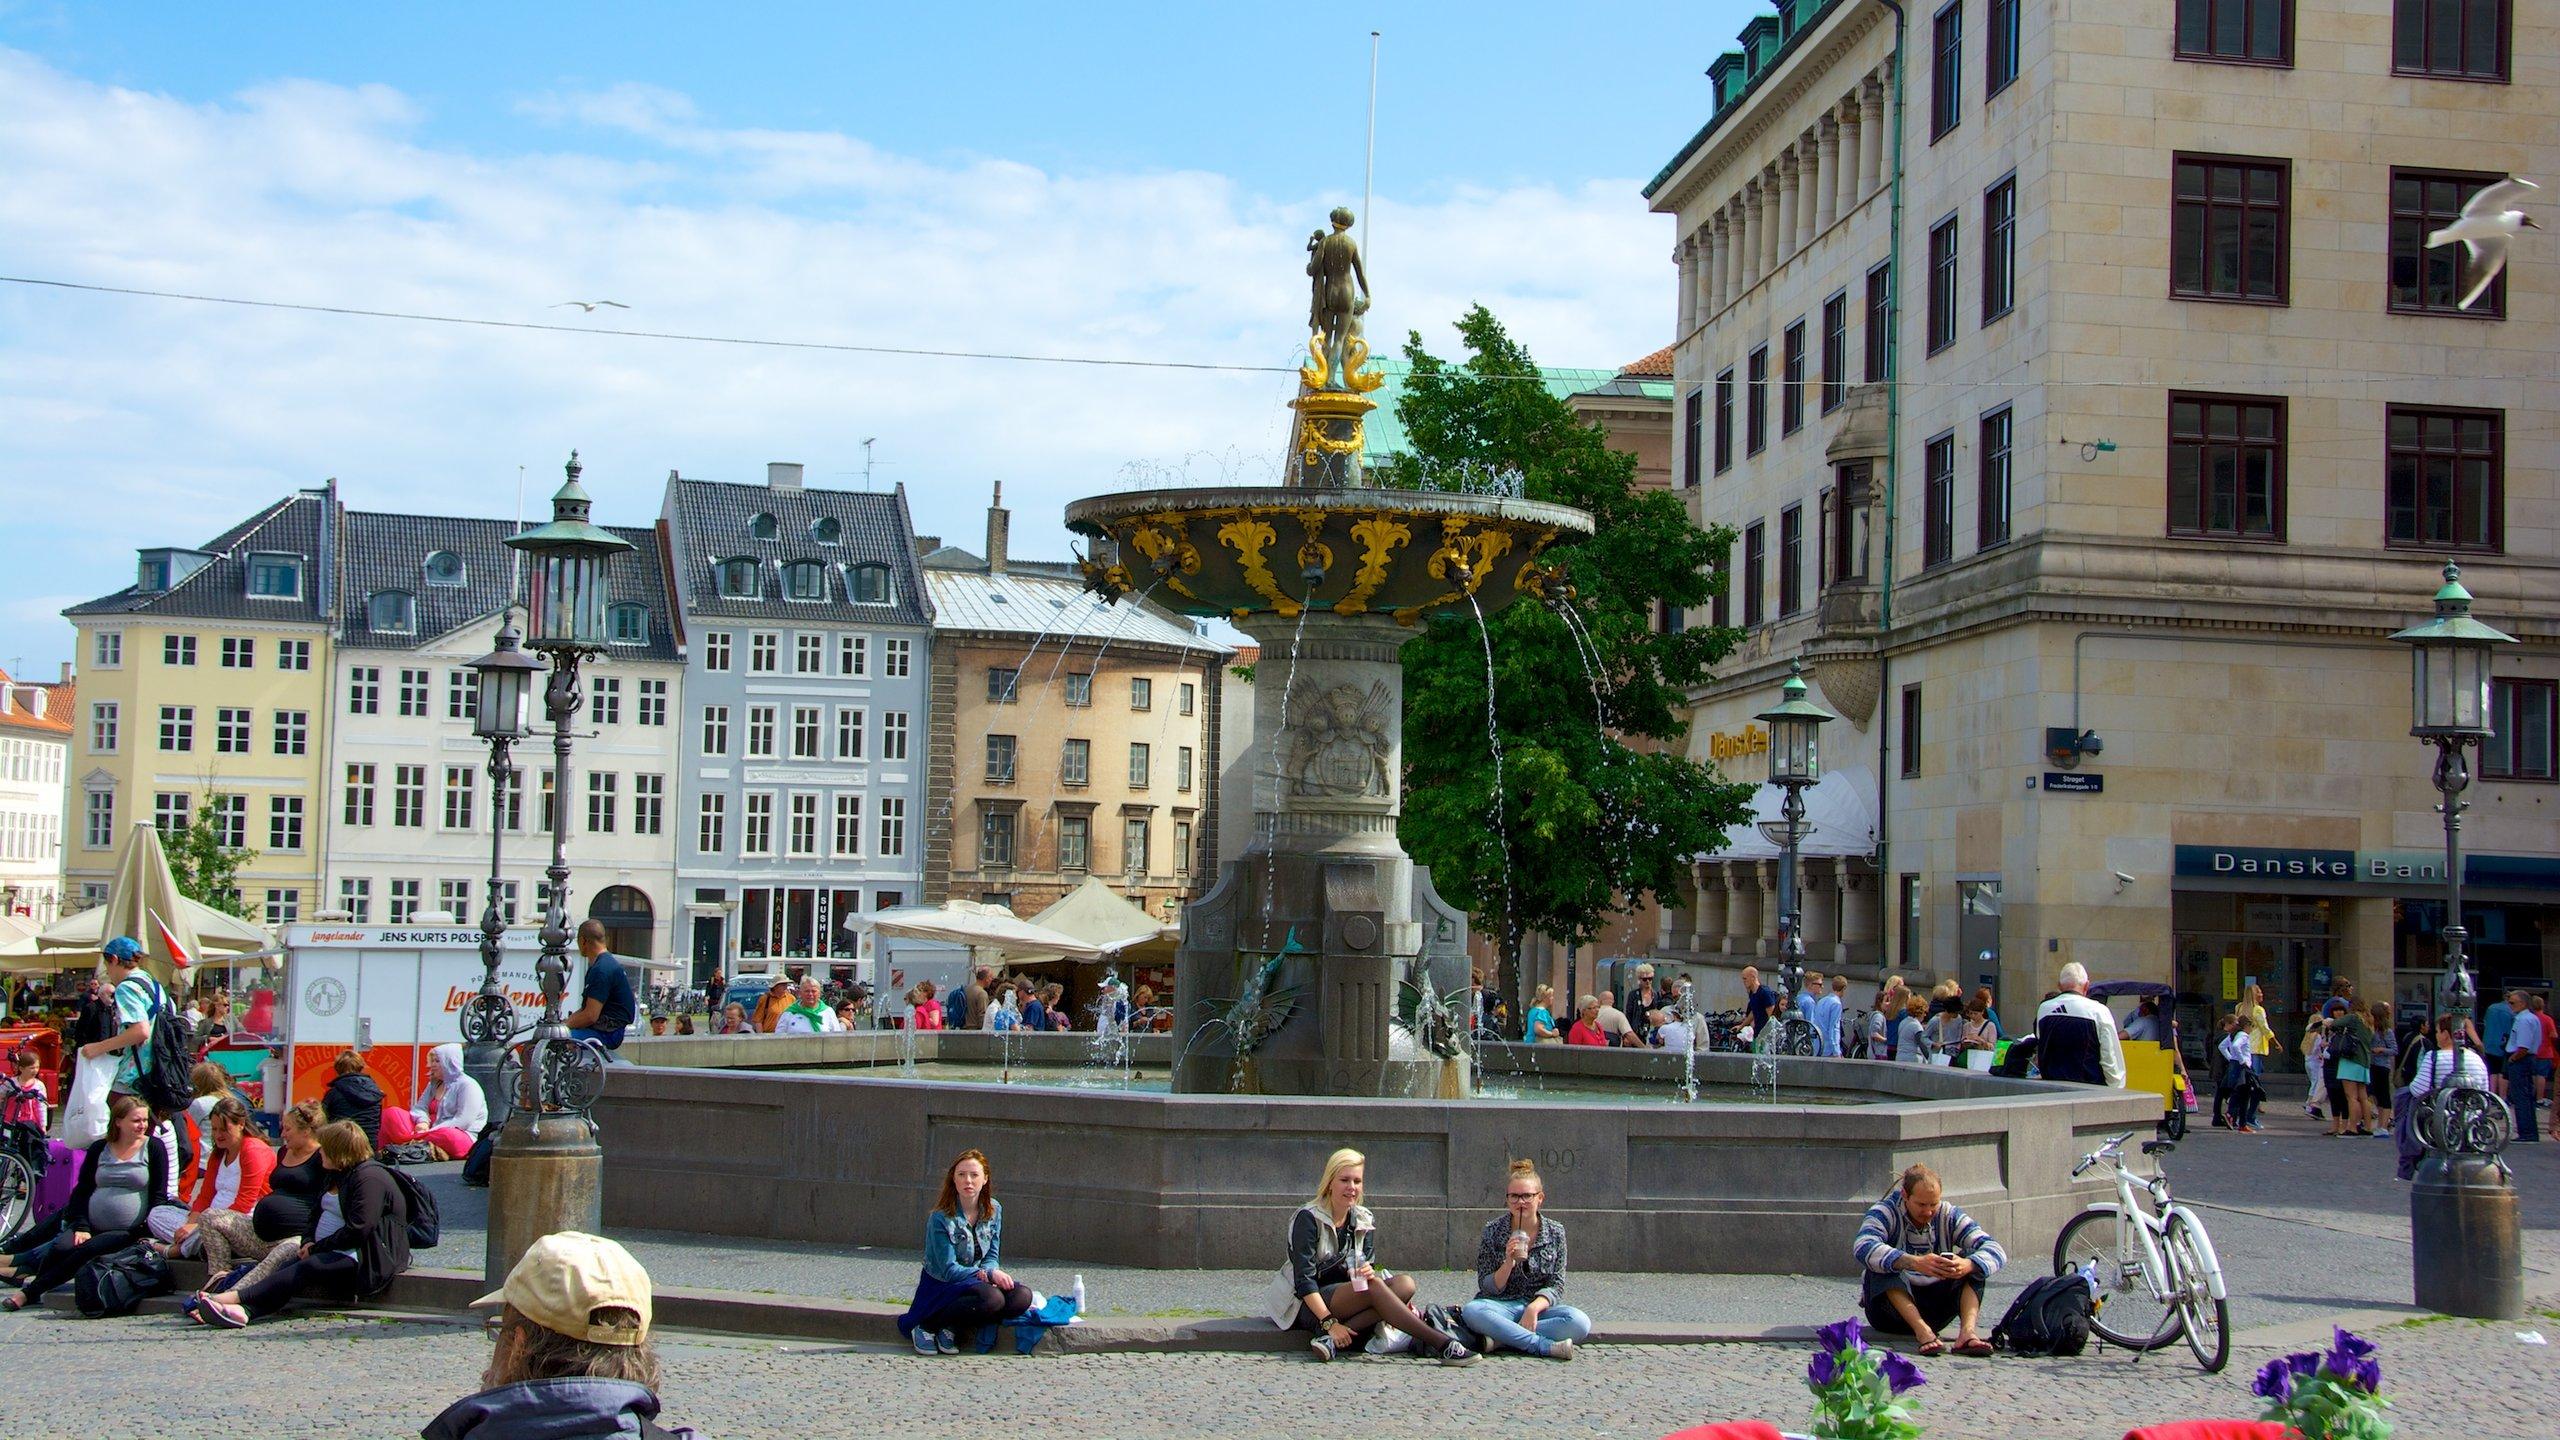 Caritas, Kopenhagen, Hovedstaden, Dänemark